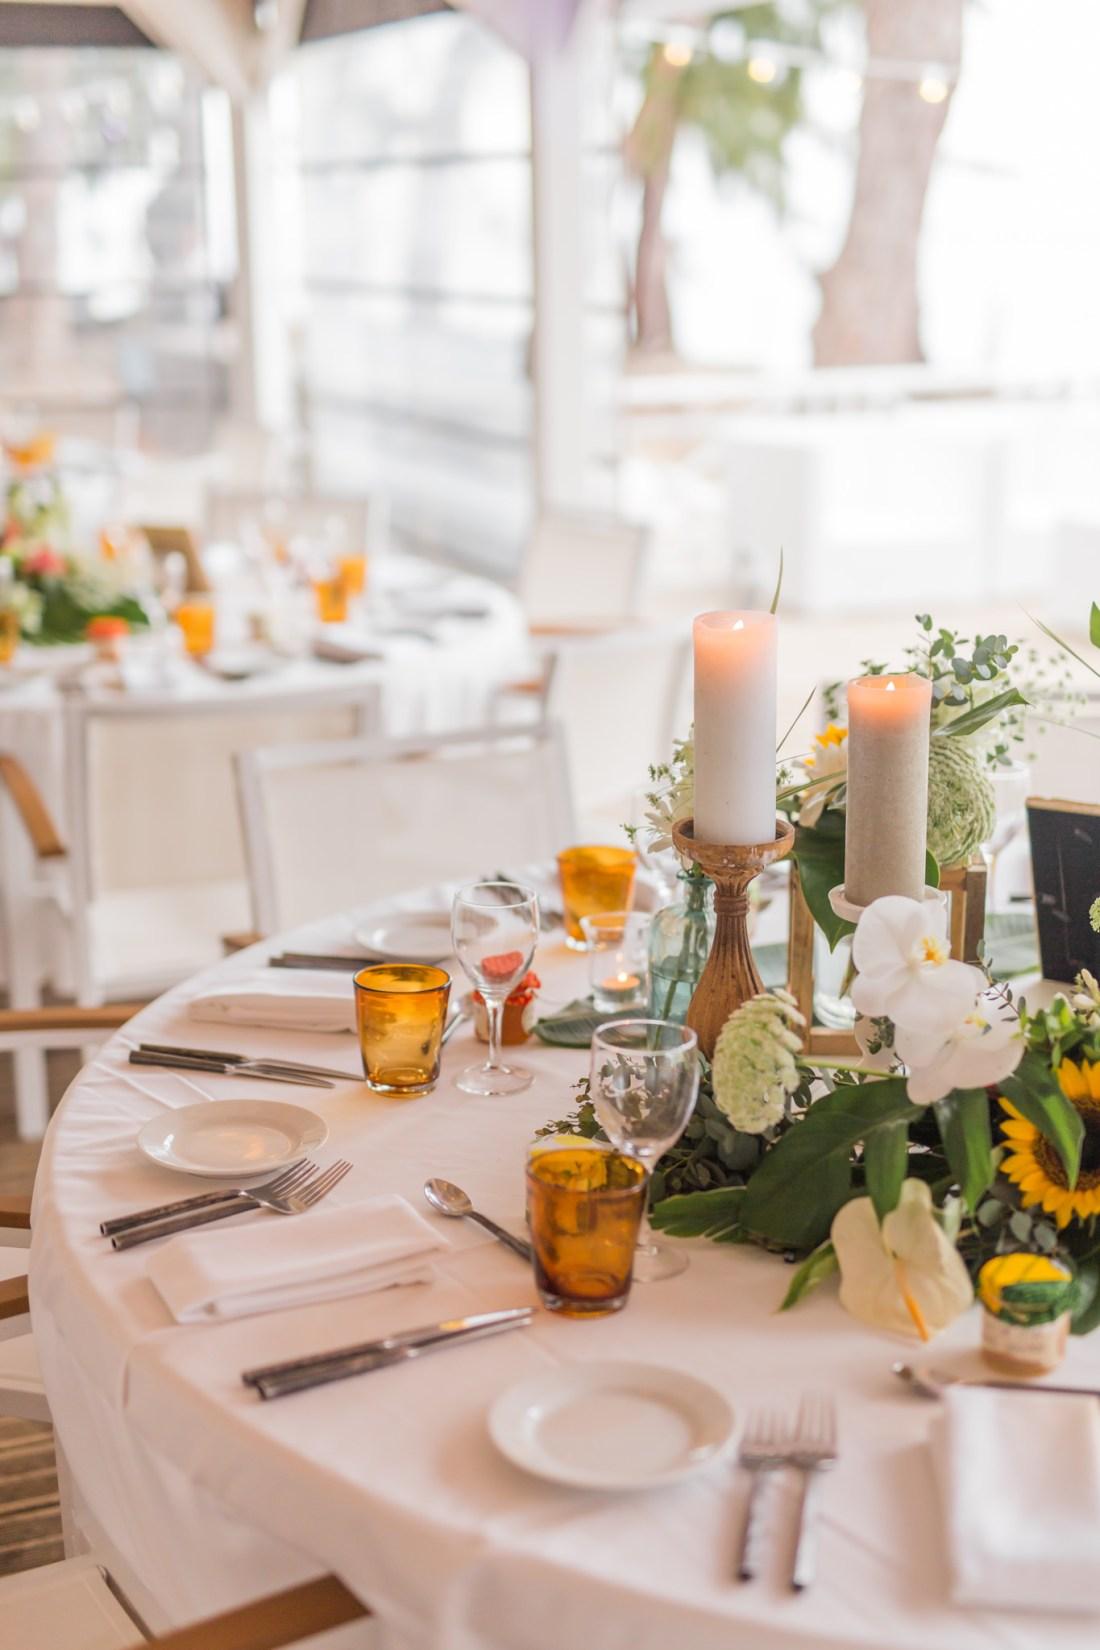 Décoration de mariage écoresponsable sur le thème tropical et japon au Lux de Saint-Gilles de la Réunion